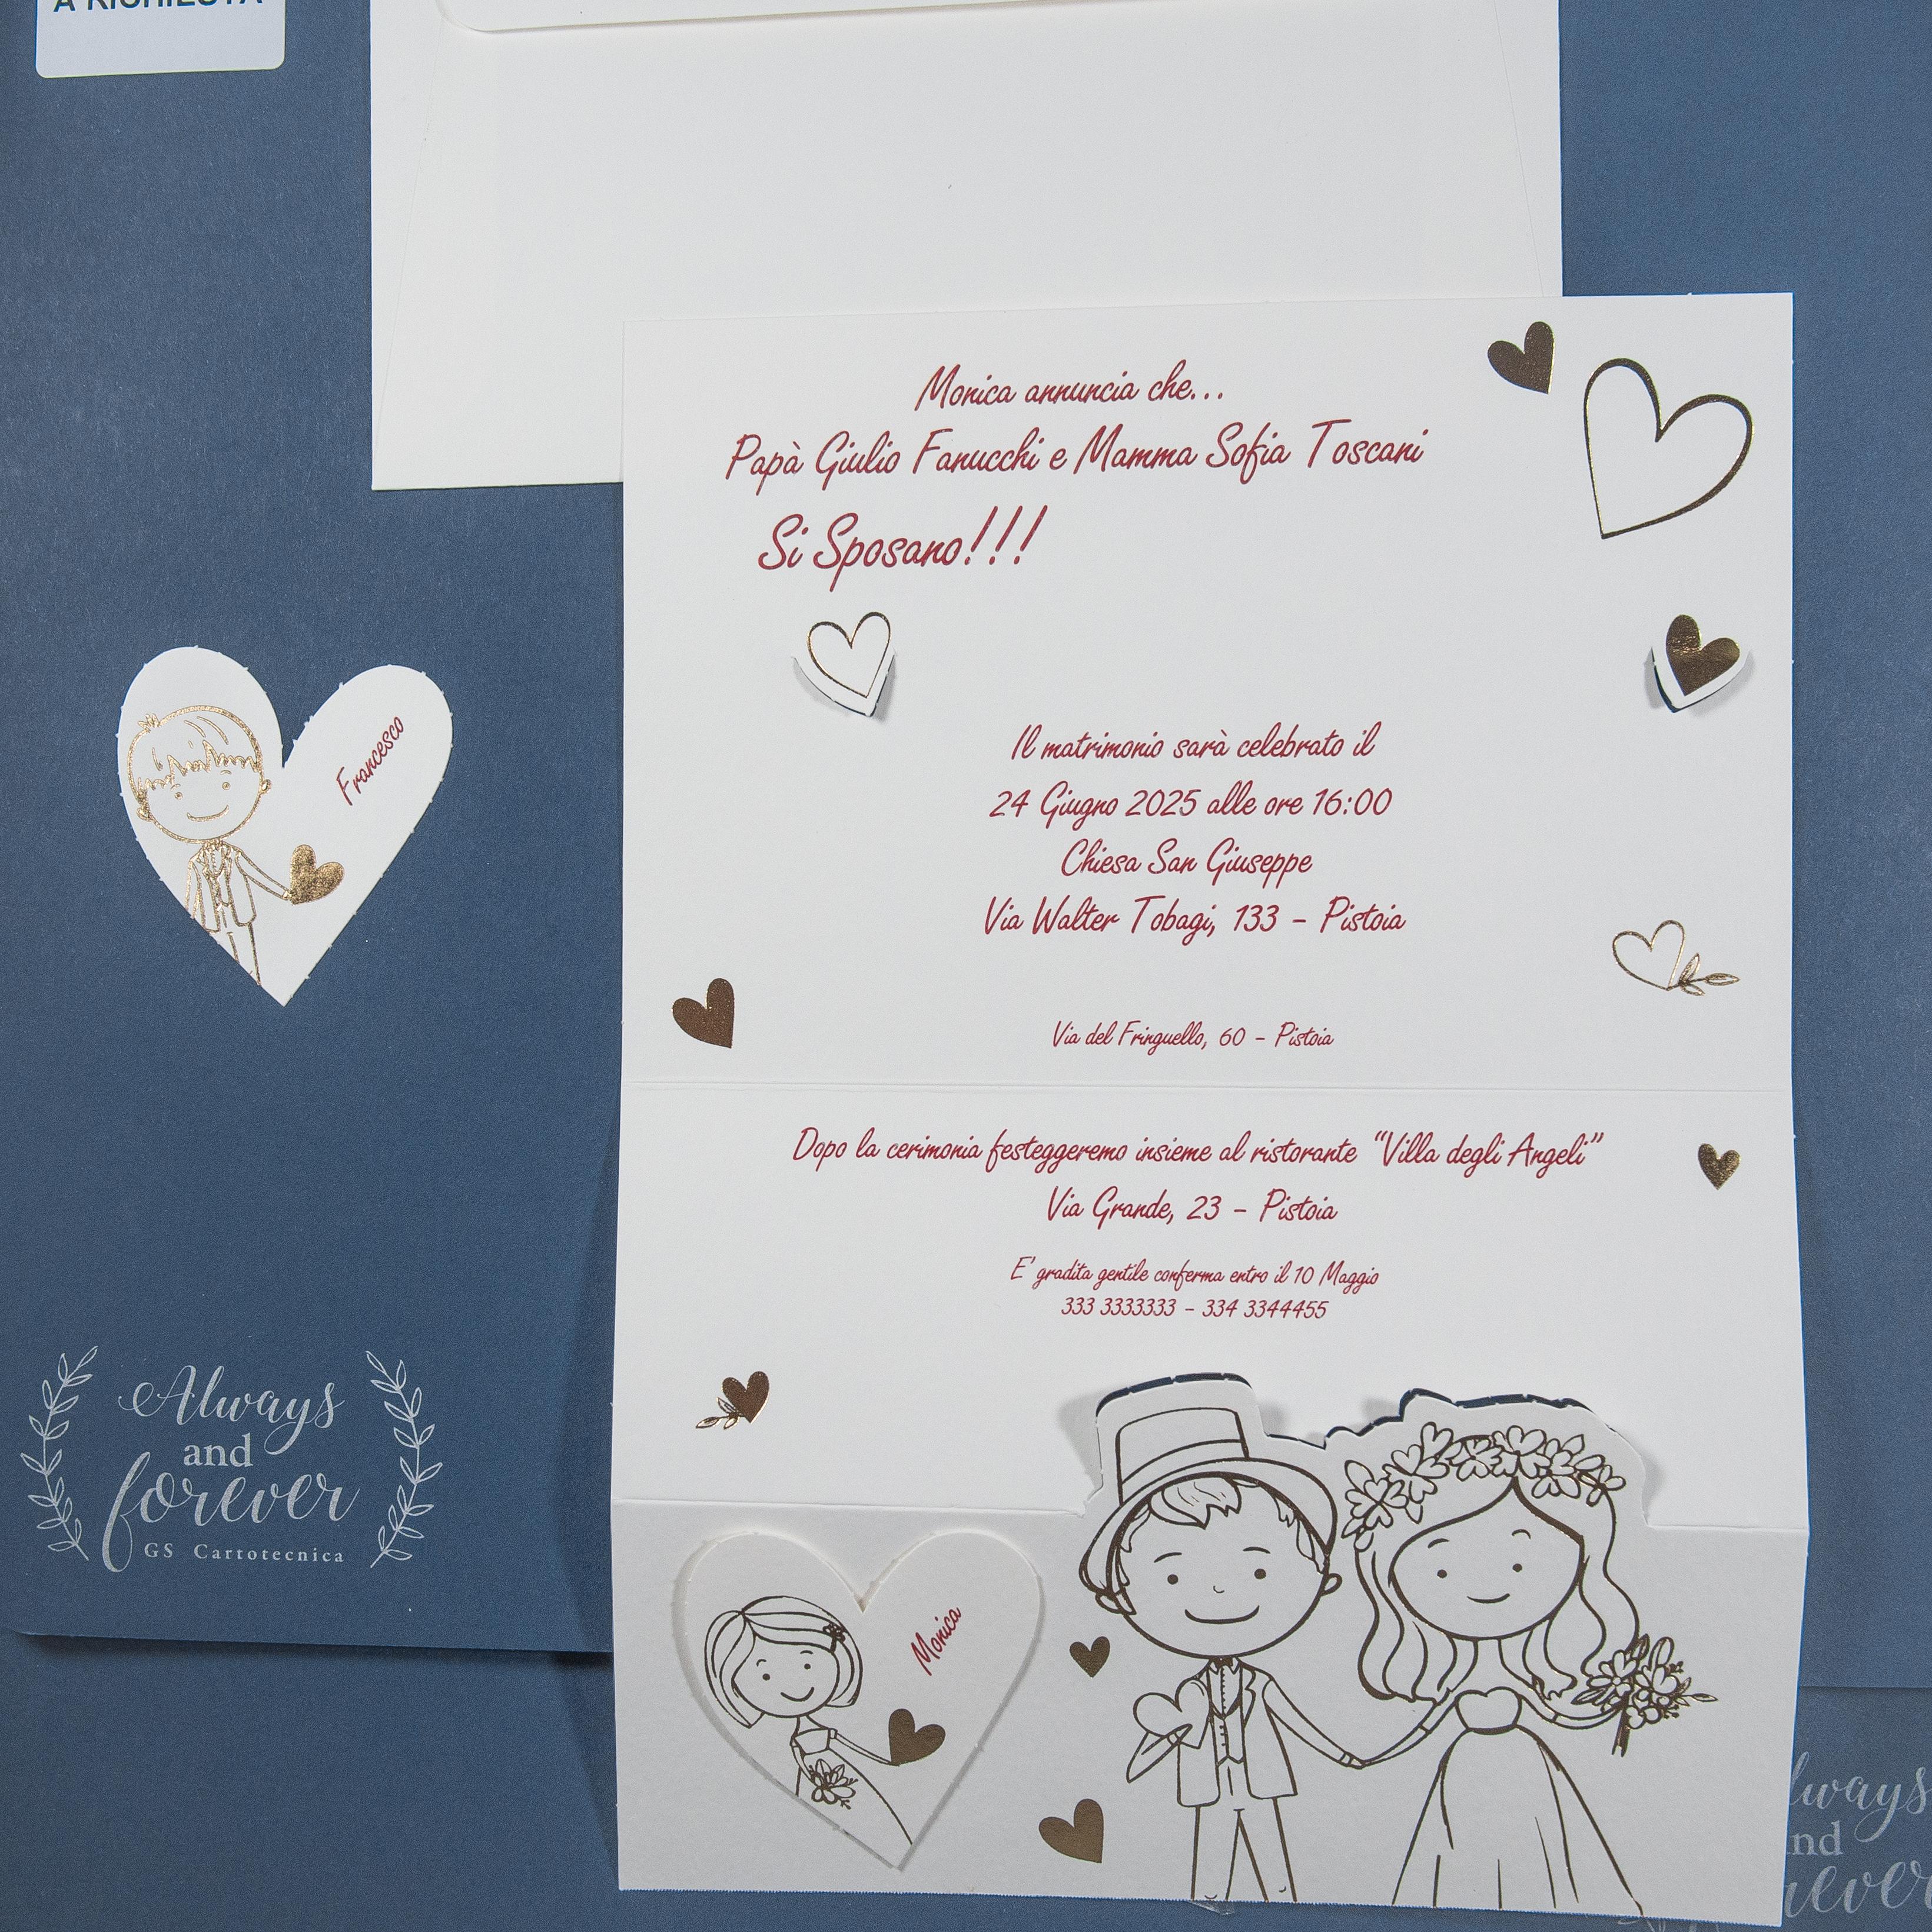 Partecipazioni Matrimonio Figli.Partecipazione Di Matrimonio Con Sposi E Figli Stilizzati In Oro